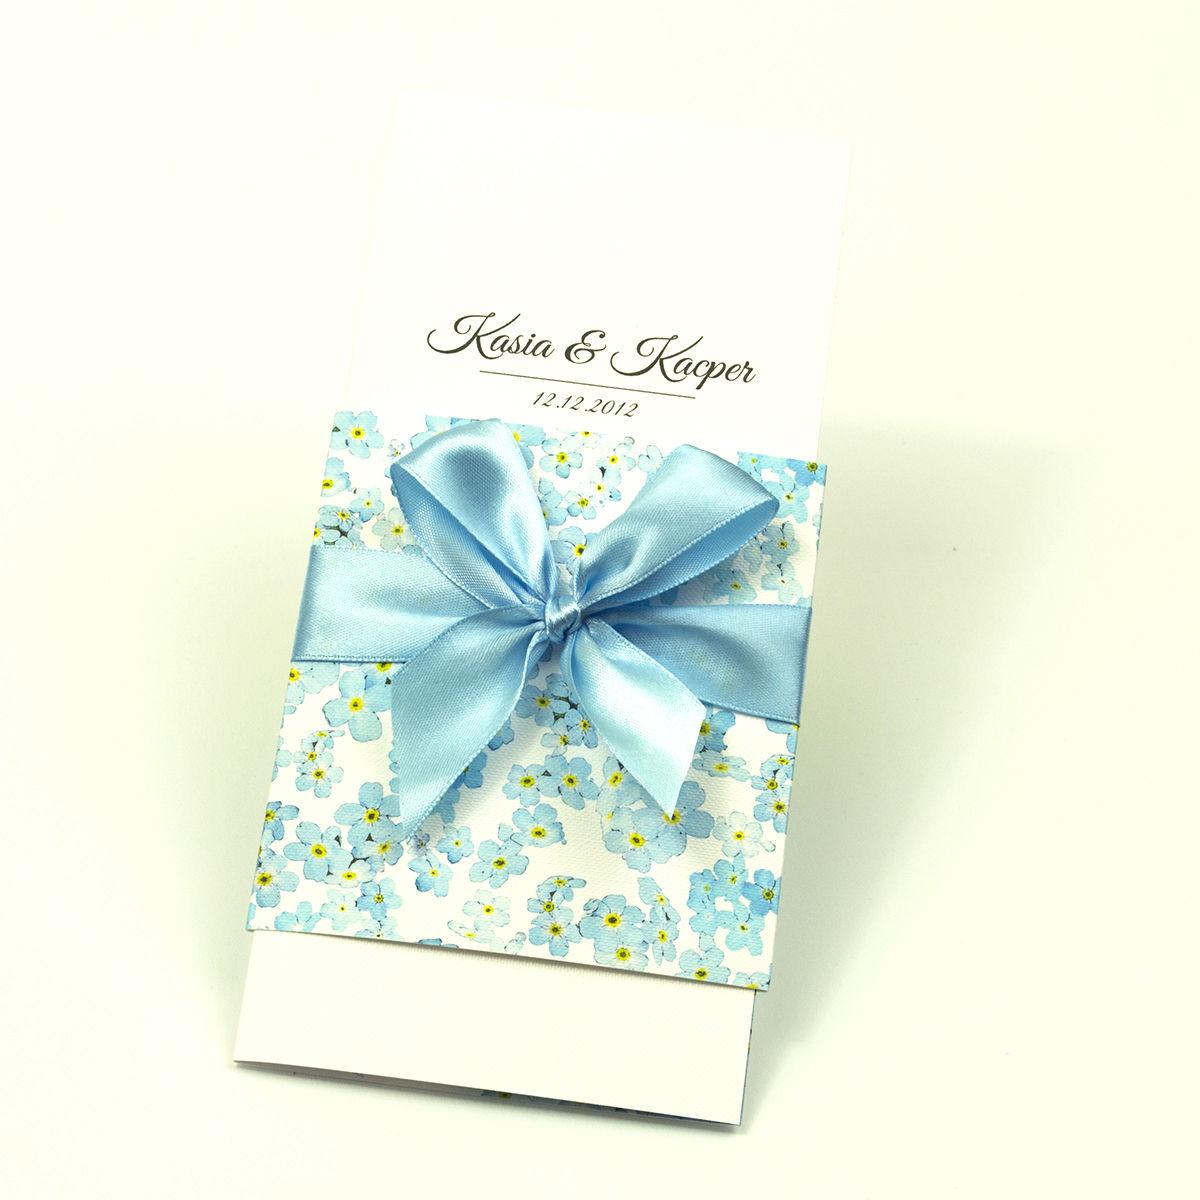 Niebanalne kwiatowe zaproszenia ślubne. Kwiaty niezapominajki, błękitna wstążka i wnętrze wkładane w okładkę. ZAP-90-05